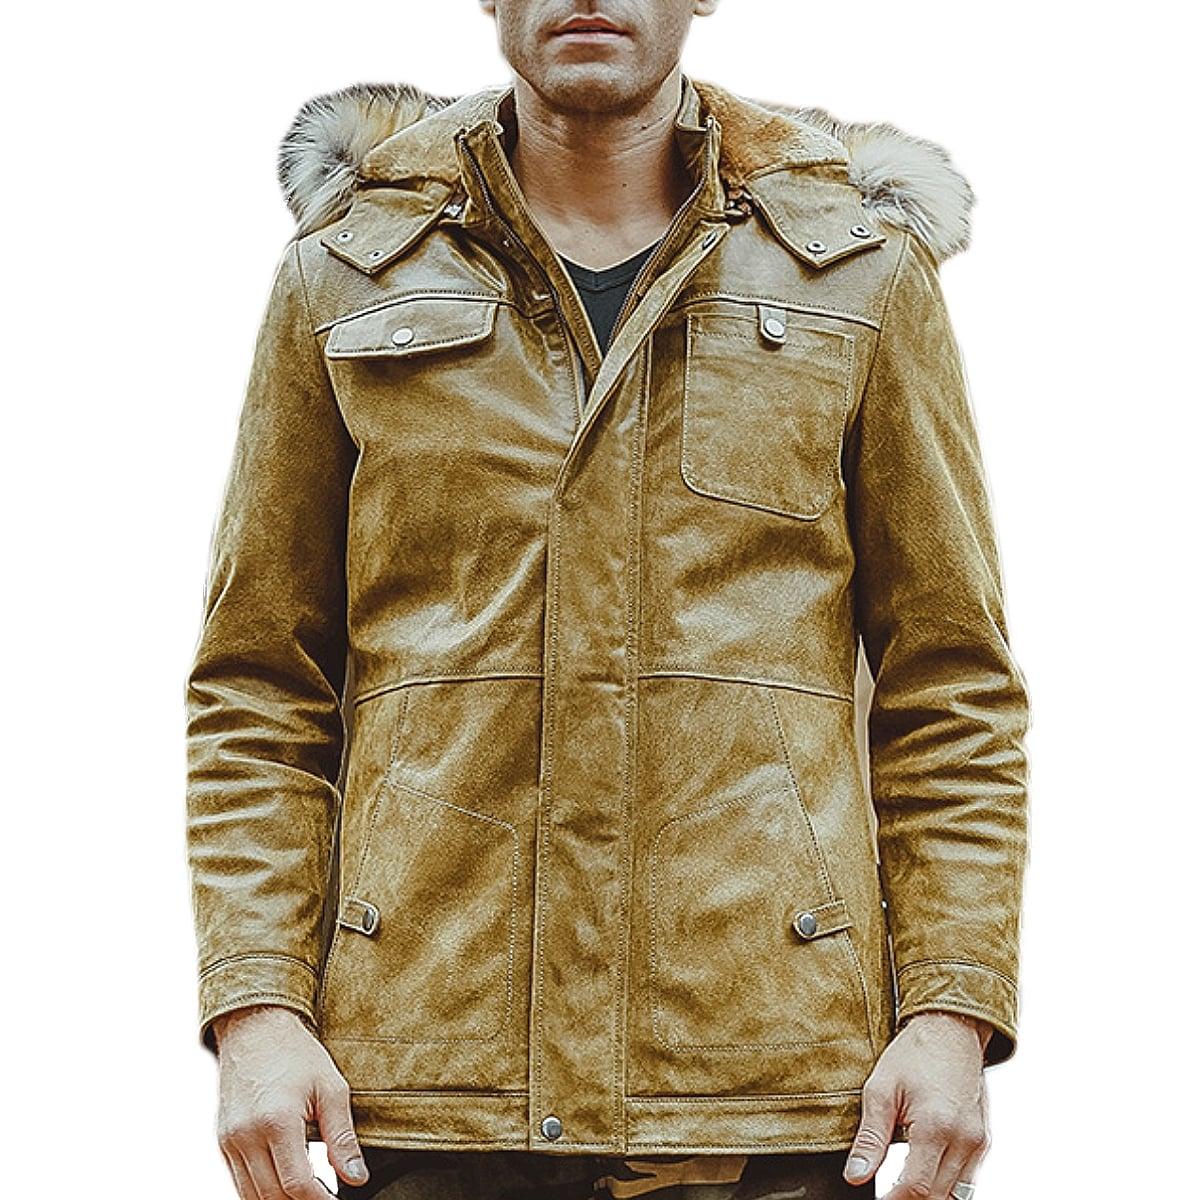 【送料無料!】全10サイズ! [Men's Hooded Fur Yellow Pigskin Genuine Leather Jacket] メンズ フーデッド ファー イエロー ピッグスキン ジェニュインレザージャケット! 本革 豚革 革ジャン ライダース フェイクファー フード付き コート アウター バイクに!